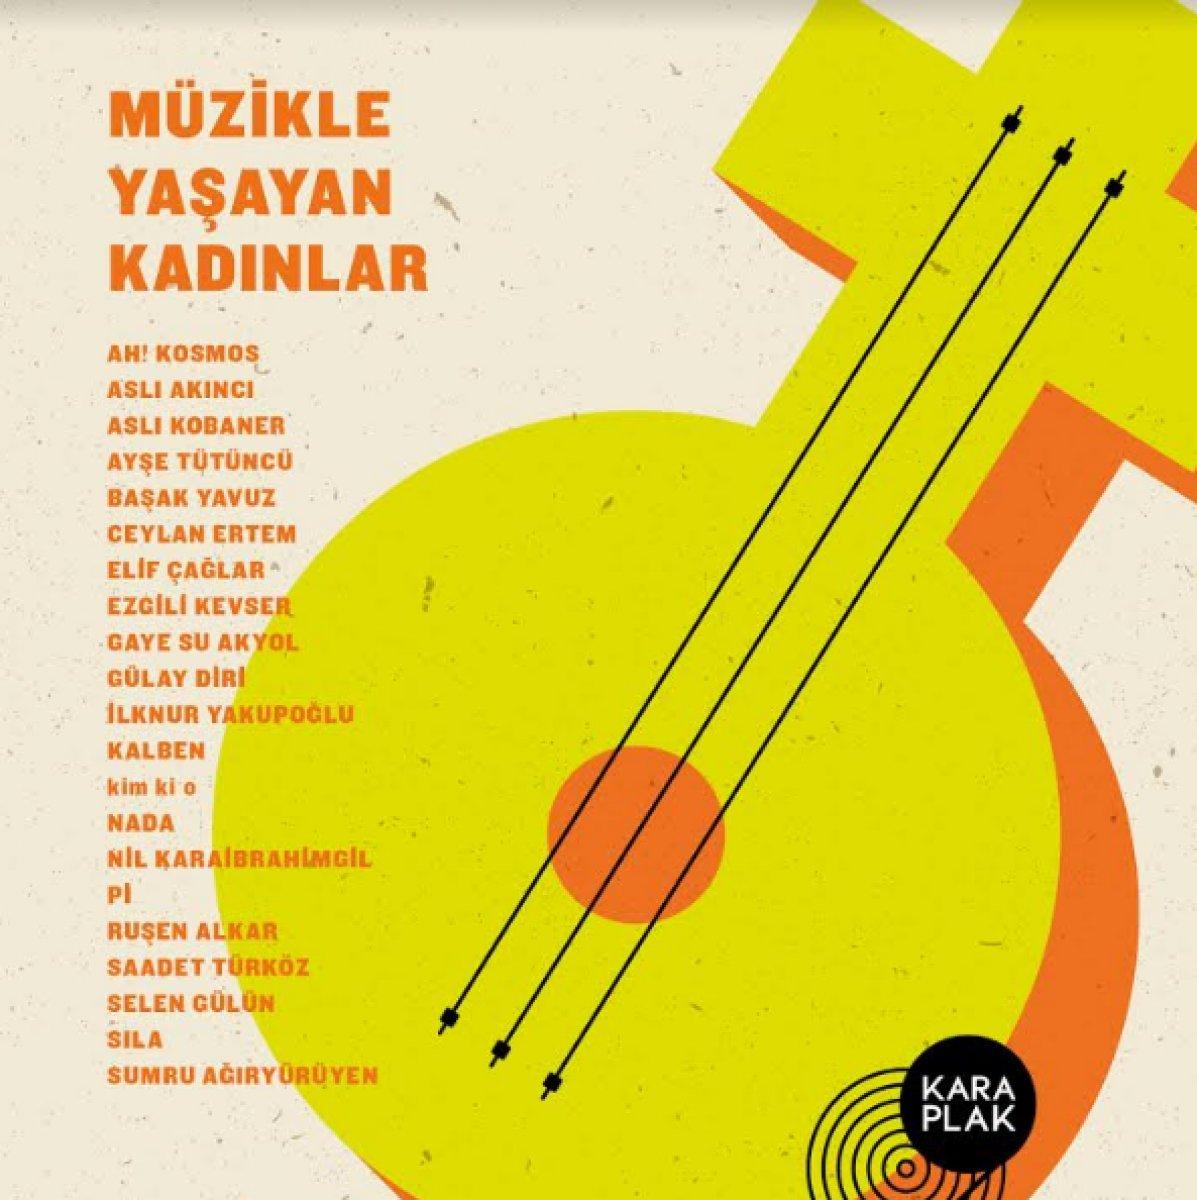 Deniz Koloğlu, Müzikle Yaşayan Kadınlar kitabı röportajı